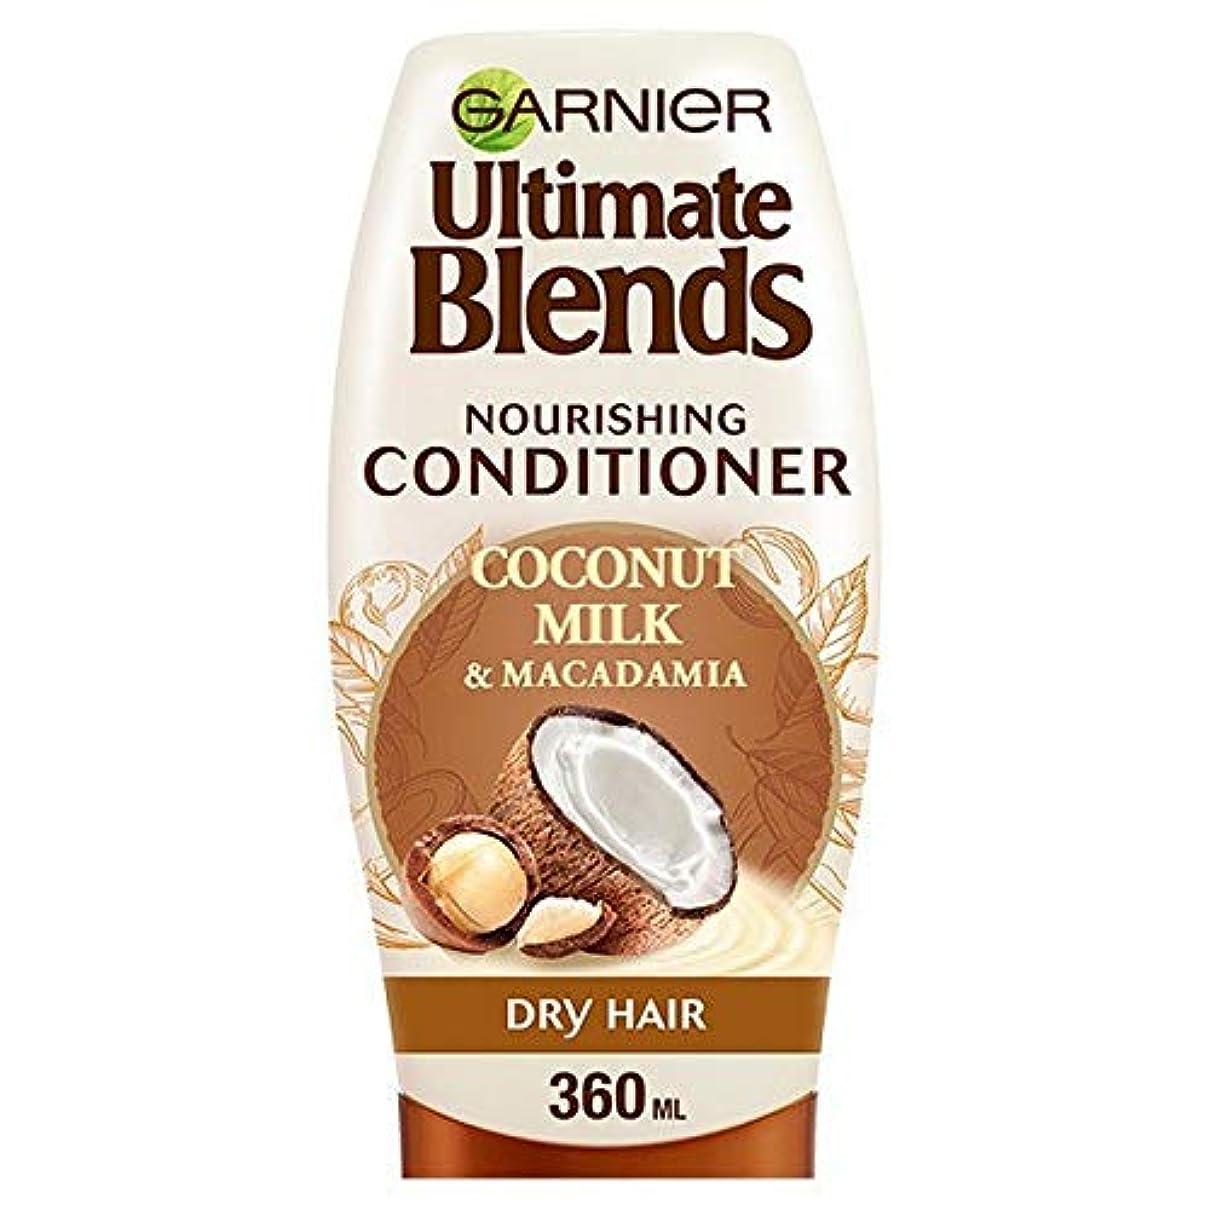 意気消沈した包帯署名[Garnier ] 究極のブレンドココナッツミルクドライヘアコンディショナー360ミリリットル - Ultimate Blends Coconut Milk Dry Hair Conditioner 360ml [並行輸入品]